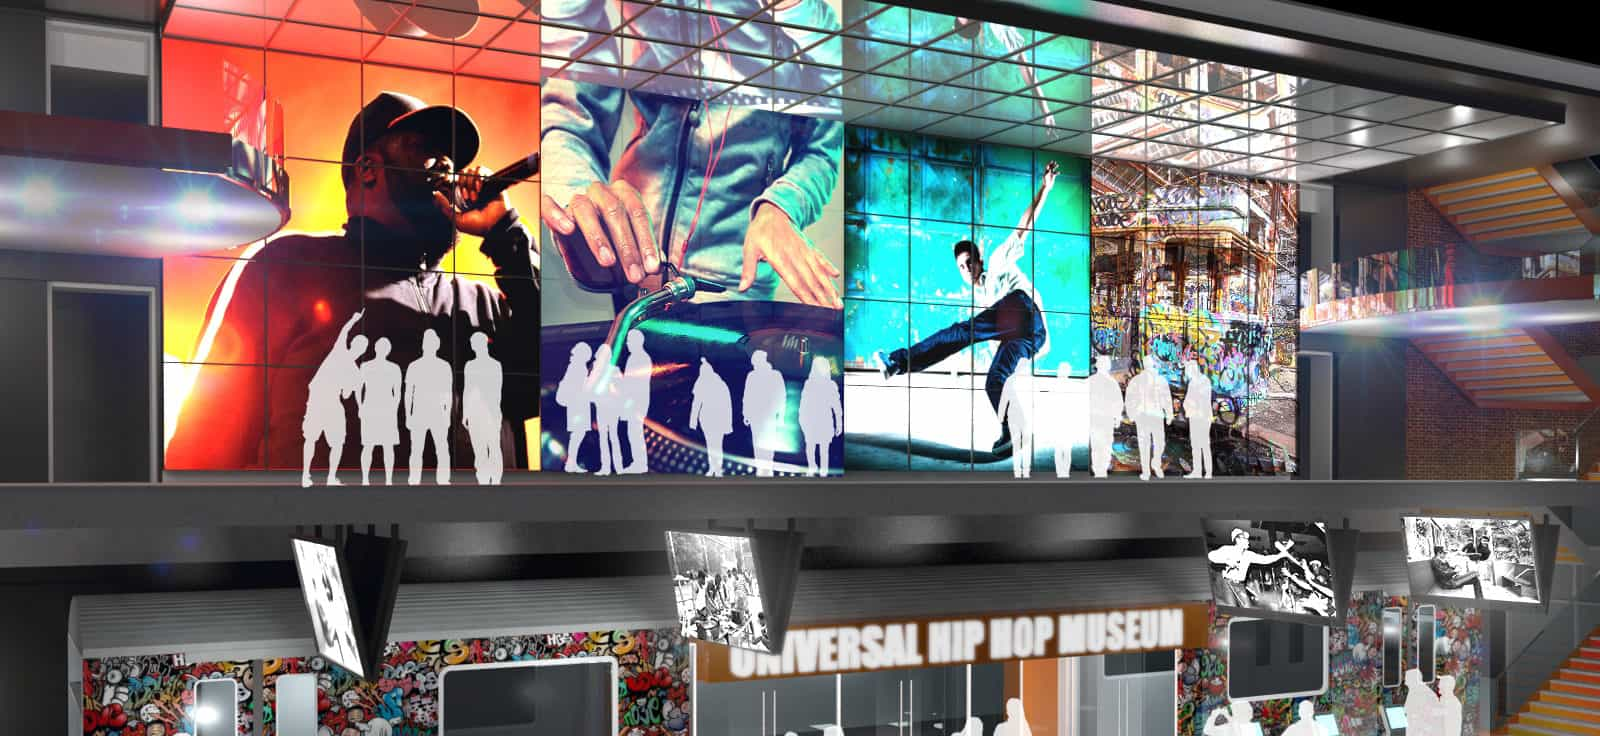 Nueva York: abrirán un museo de Hip Hop en el Bronx, el lugar donde nació